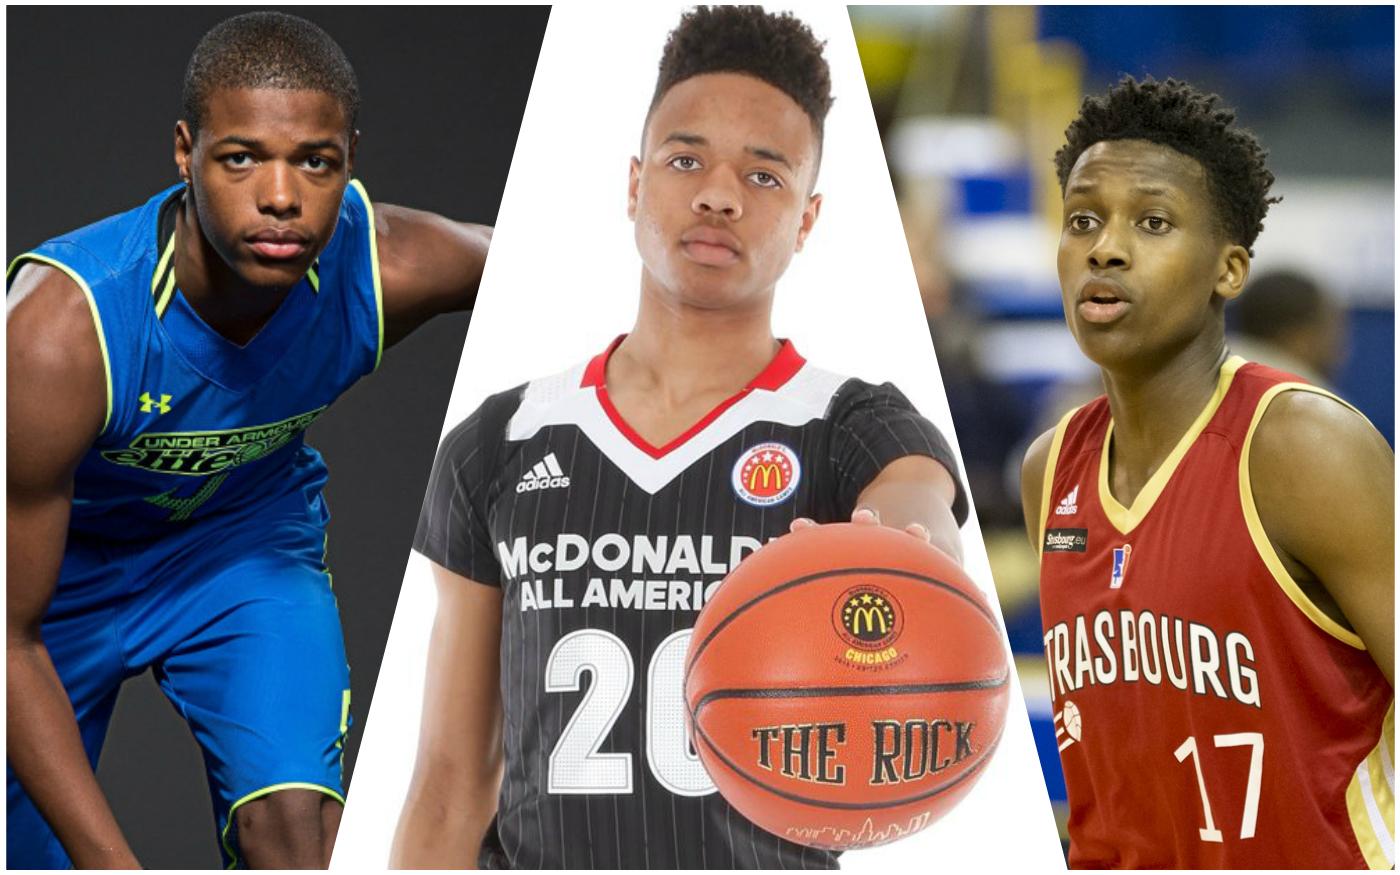 Ces trois meneurs qui vont conquérir la NBA